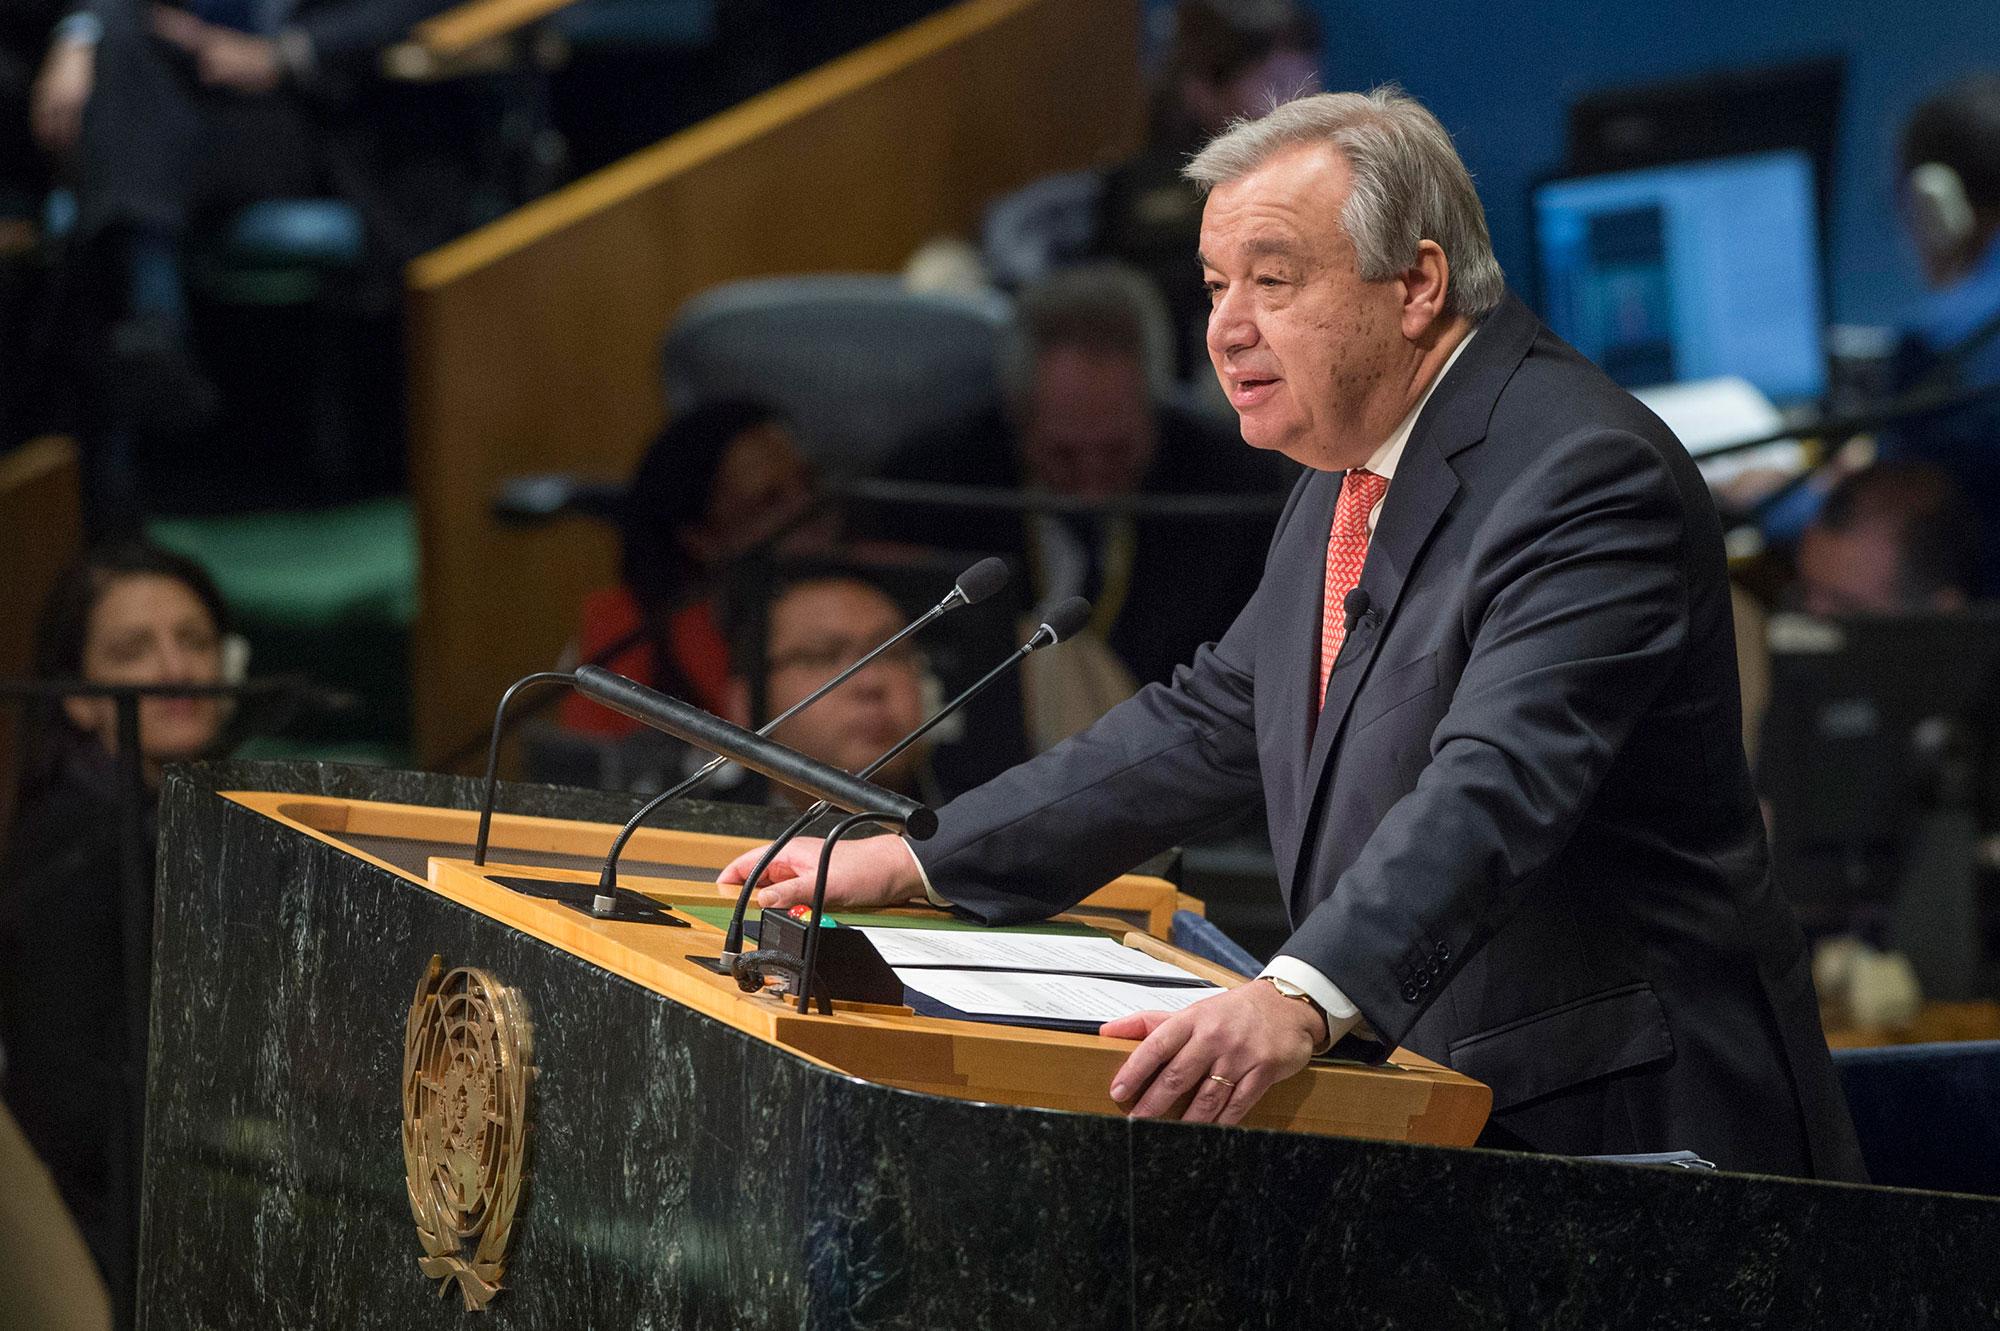 تقرير الأمين العام للأمم المتحدة يبرز التنمية والهدوء السائد في الصحراء المغربية